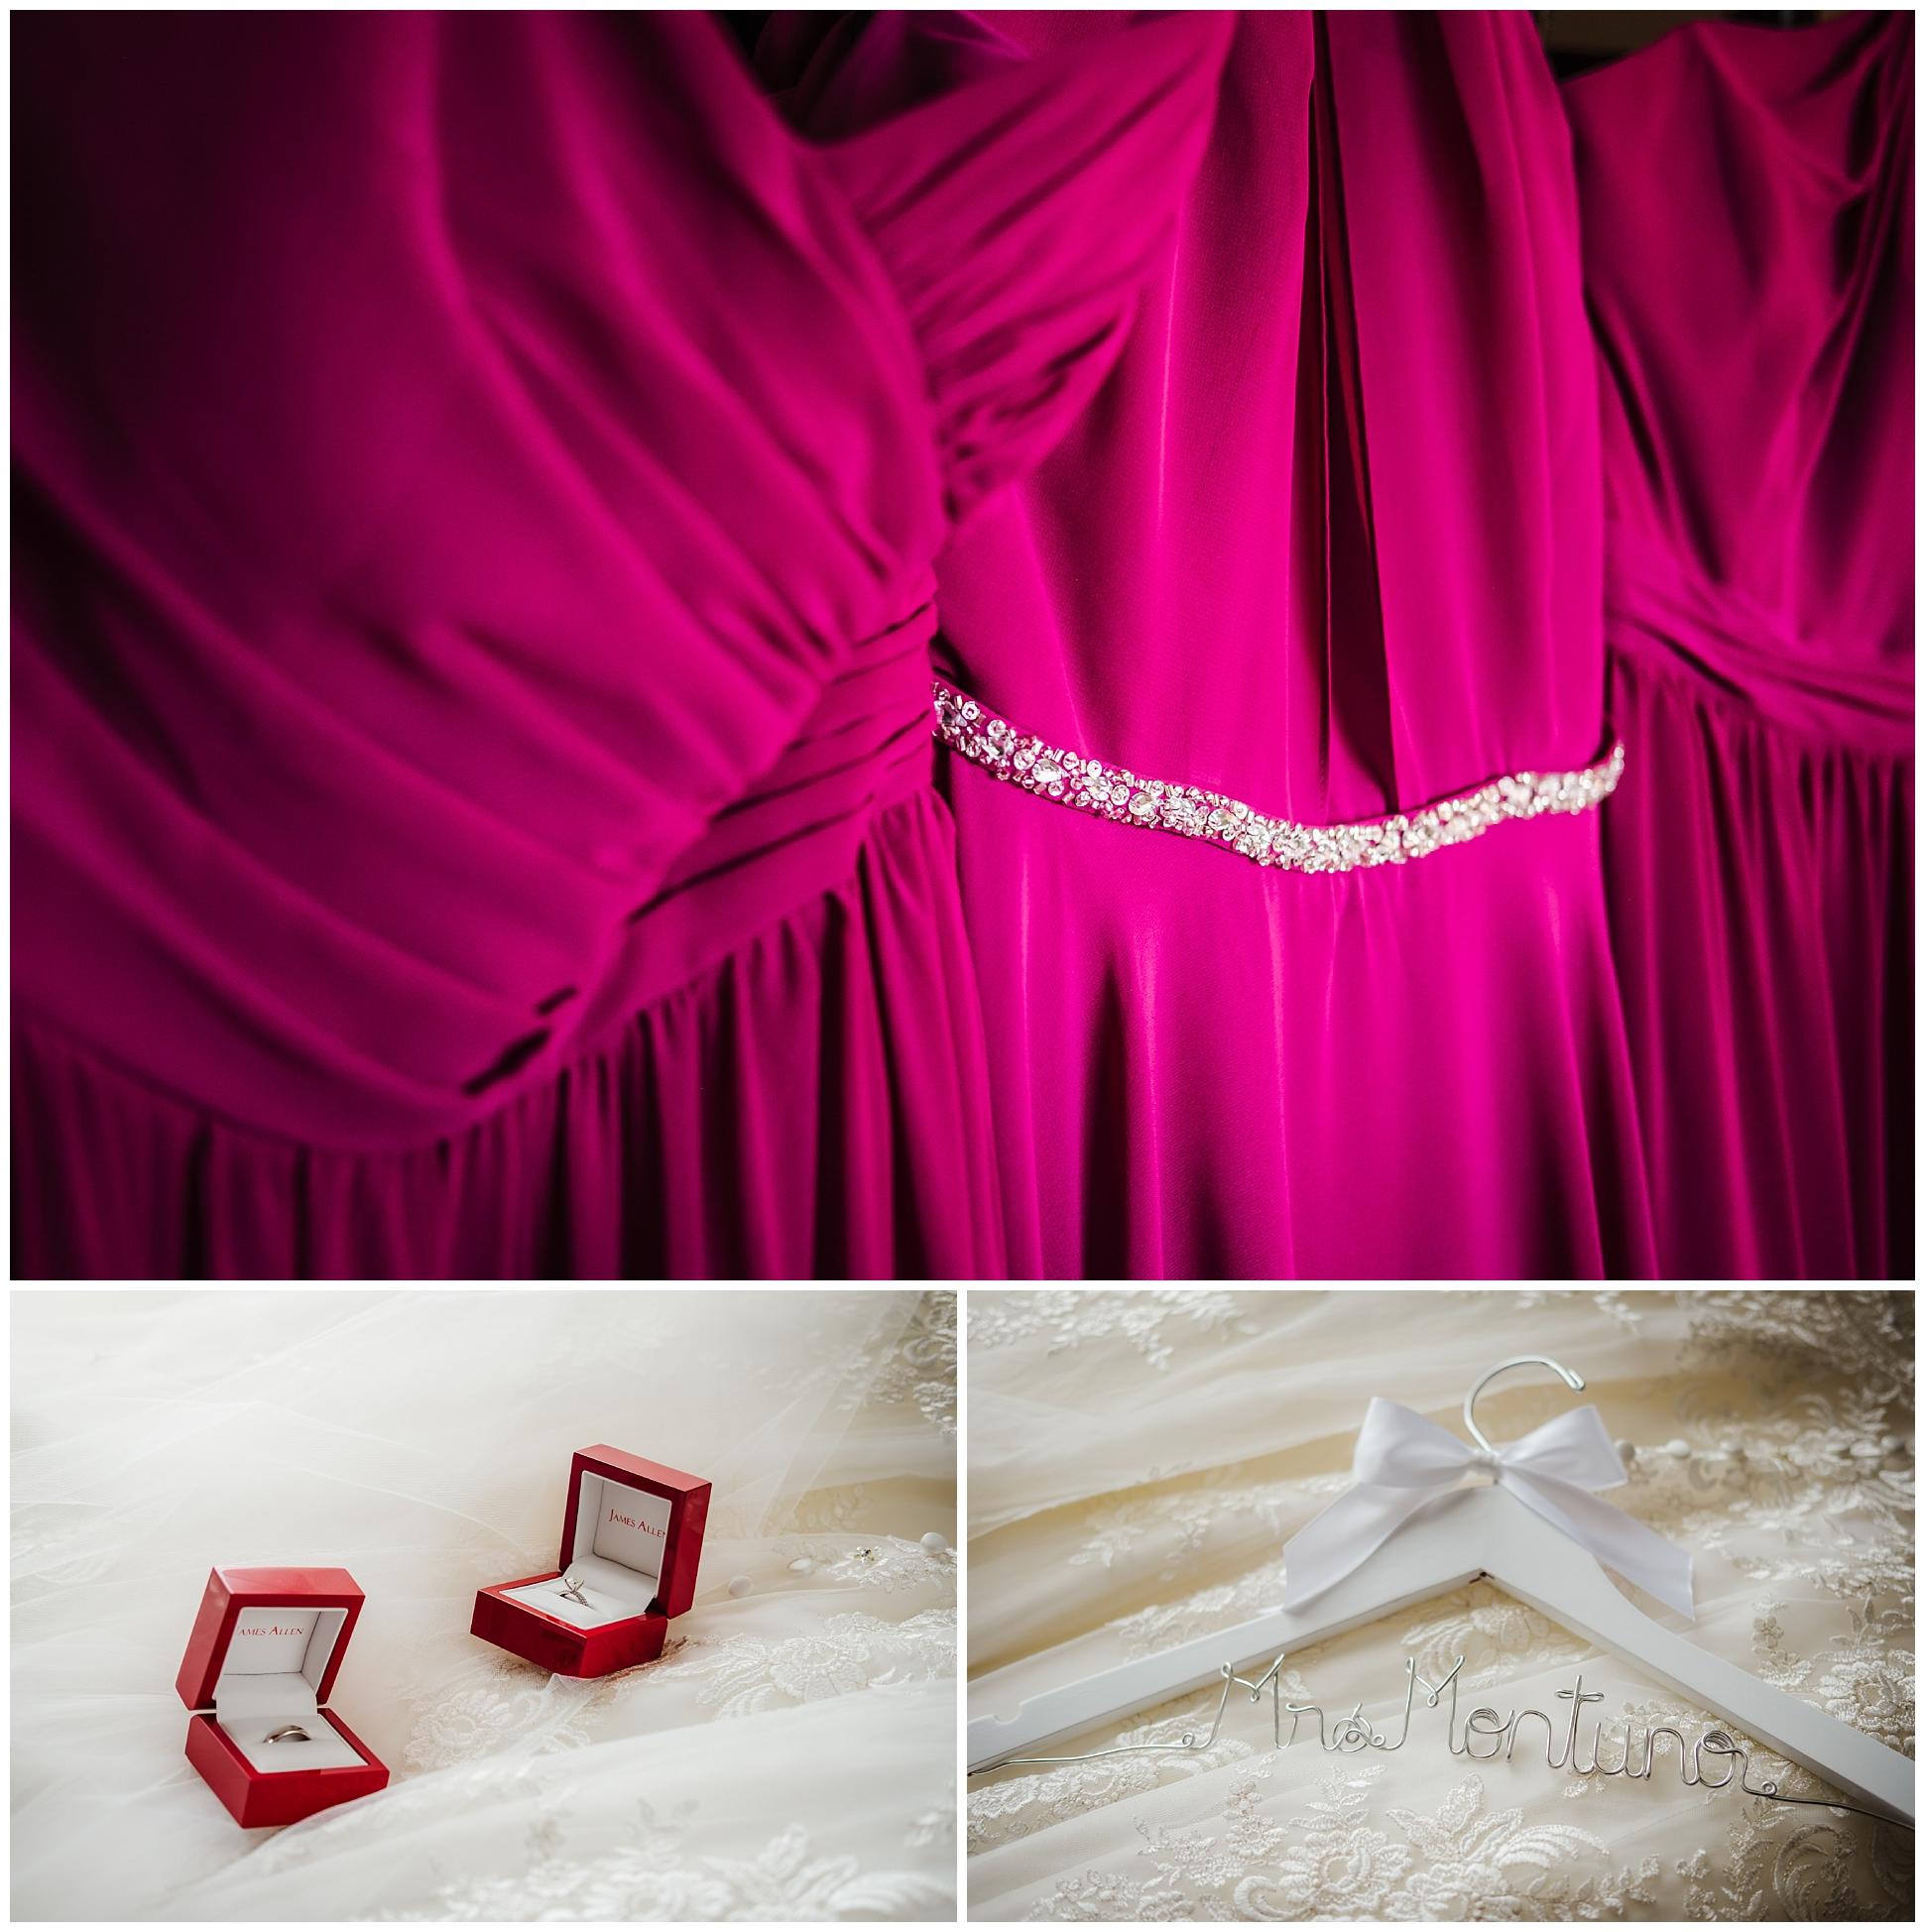 tampa-wedding-photographer-philipino-colorful-woods-ballroom-church-mass_0005.jpg